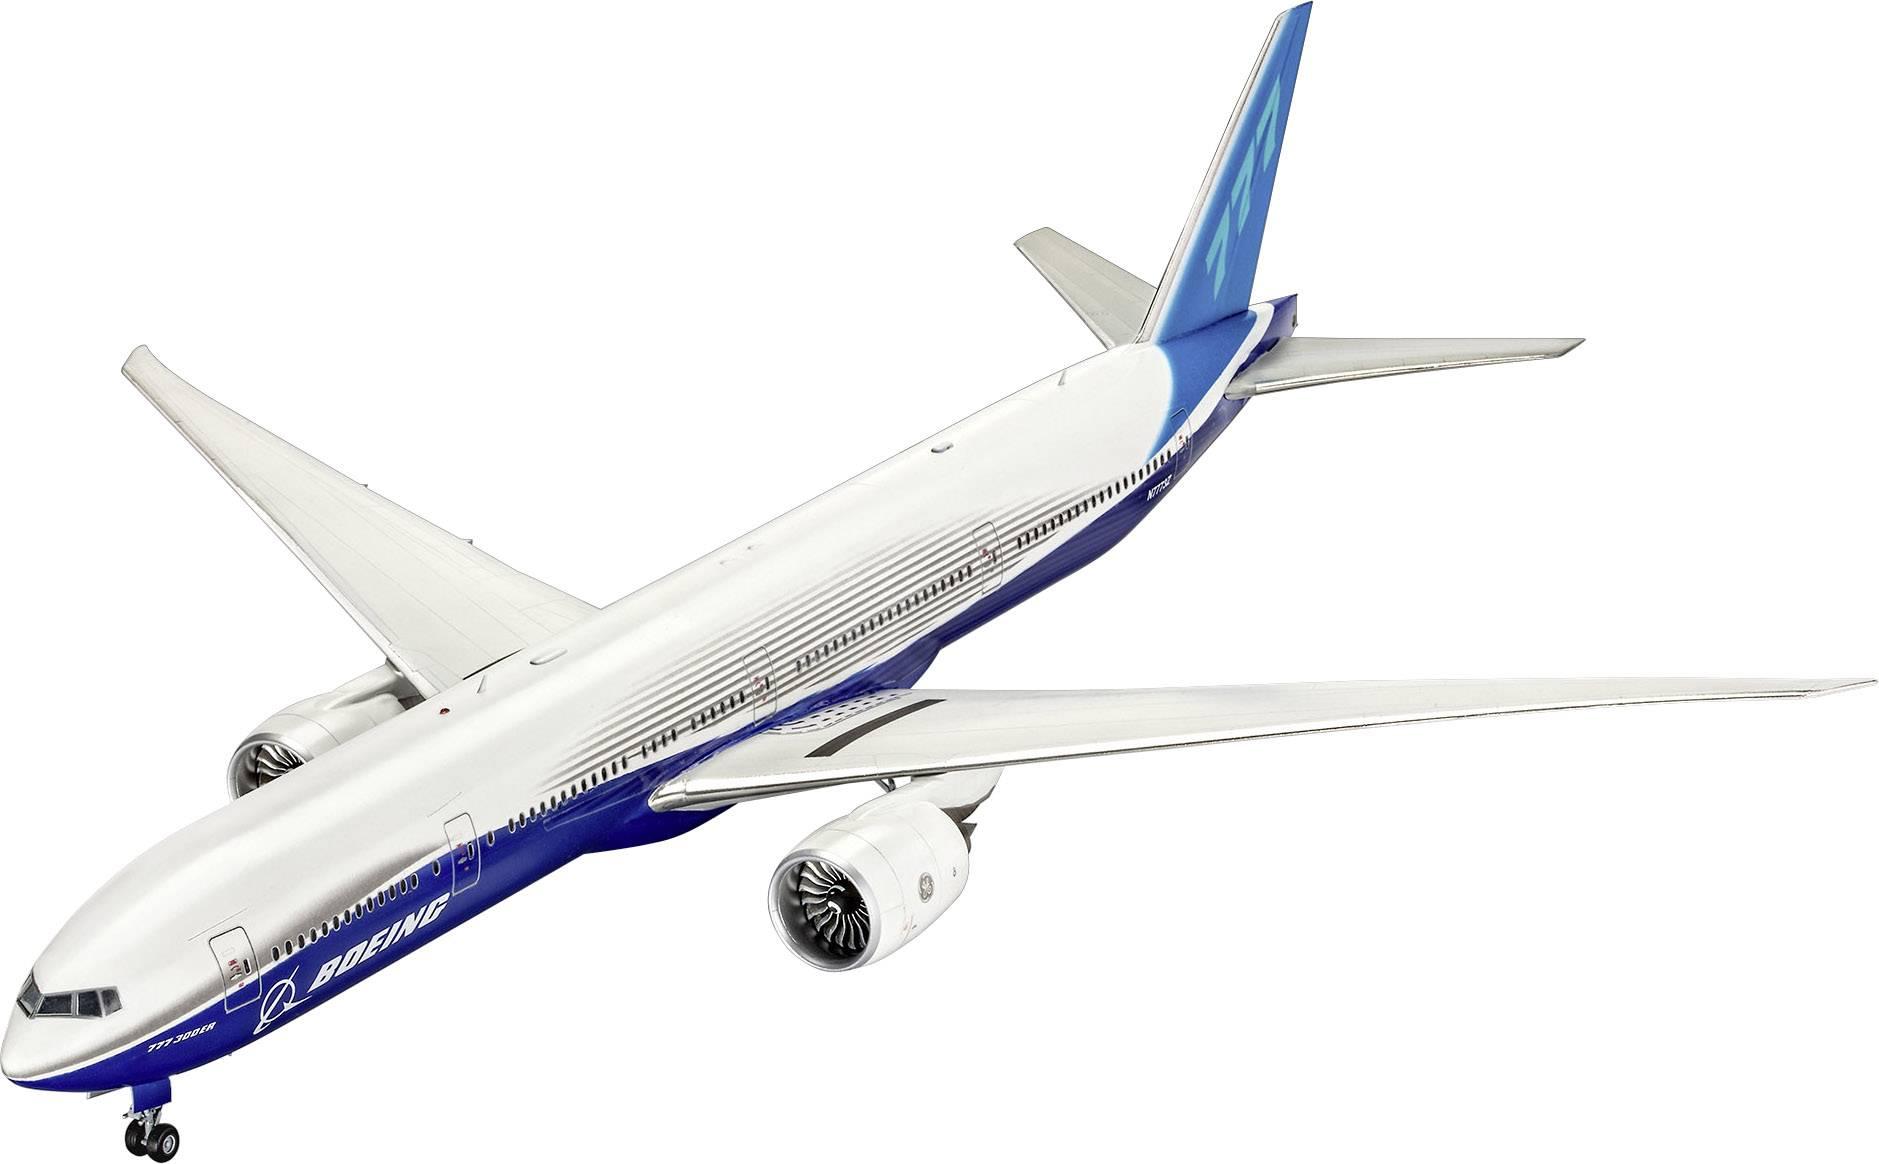 Model lietadla, stavebnica Revell Boeing 777-300ER 04945, 1:144